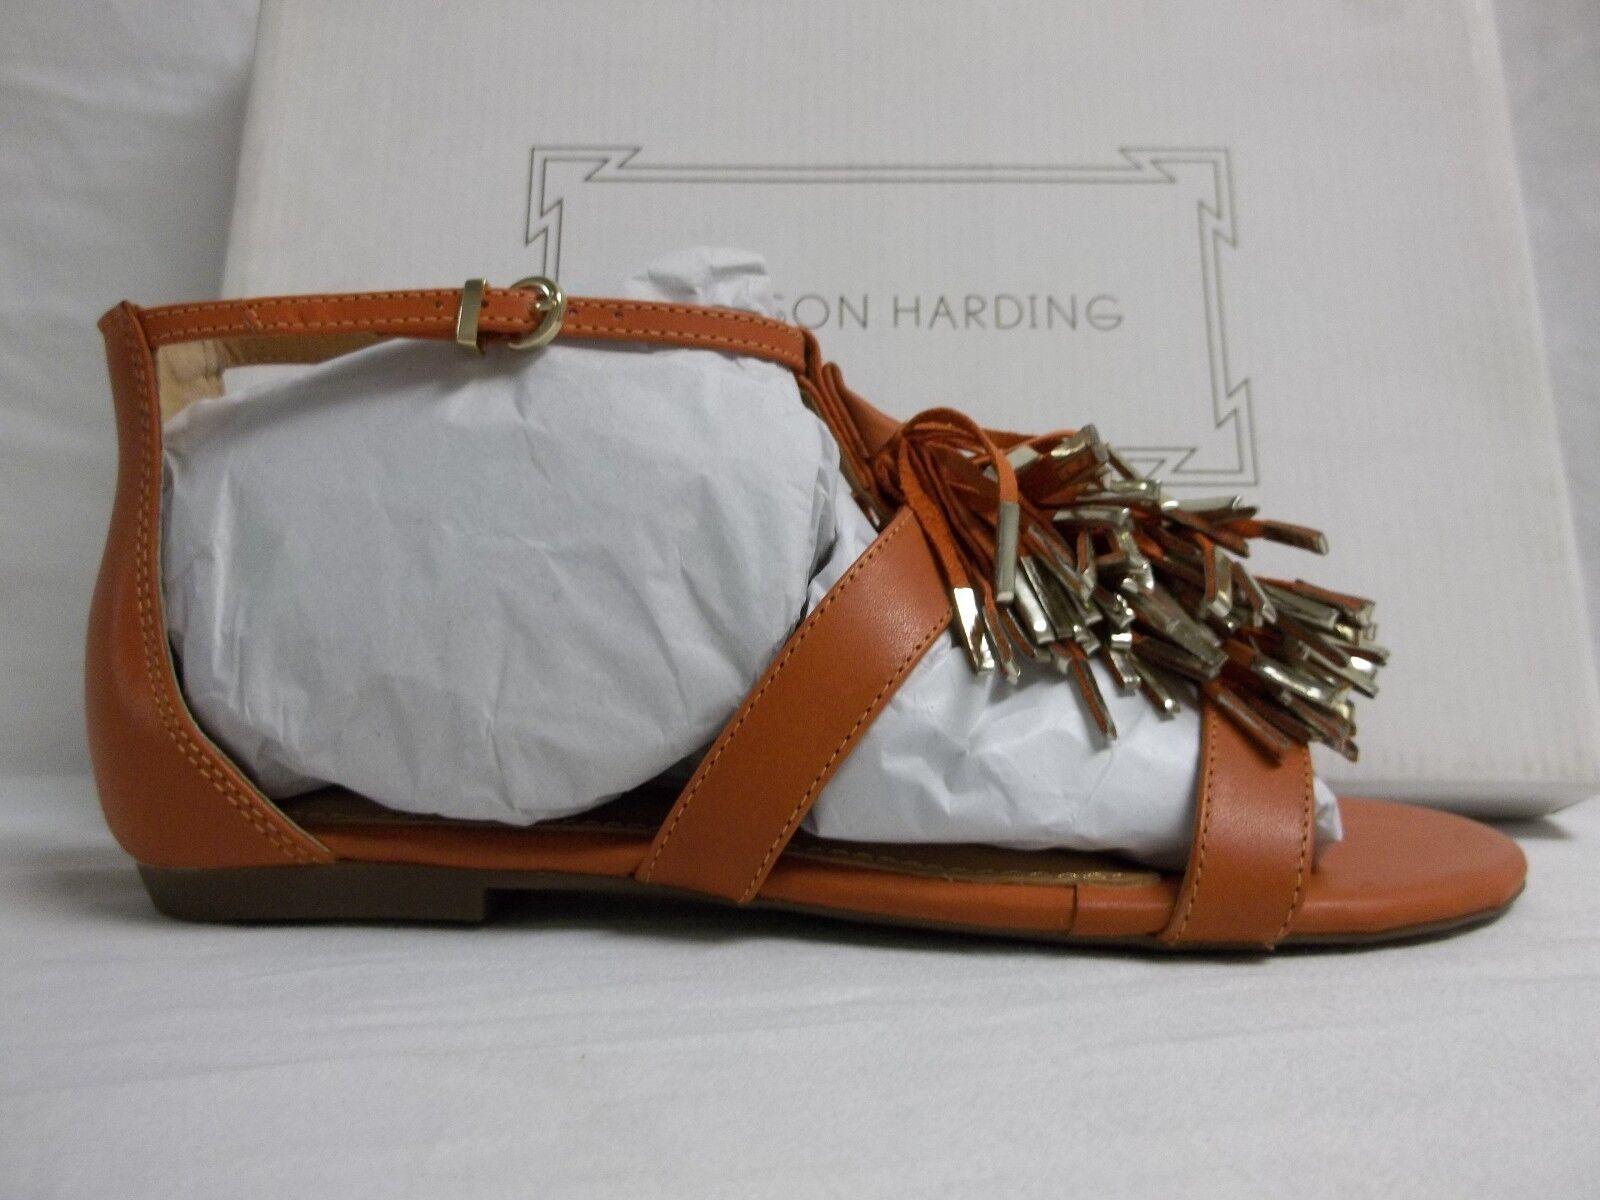 Madison Madison Madison Harding 6.5 M Sabrina Paprika Leder Gladiator Sandales New Damenschuhe Schuhes 47457c